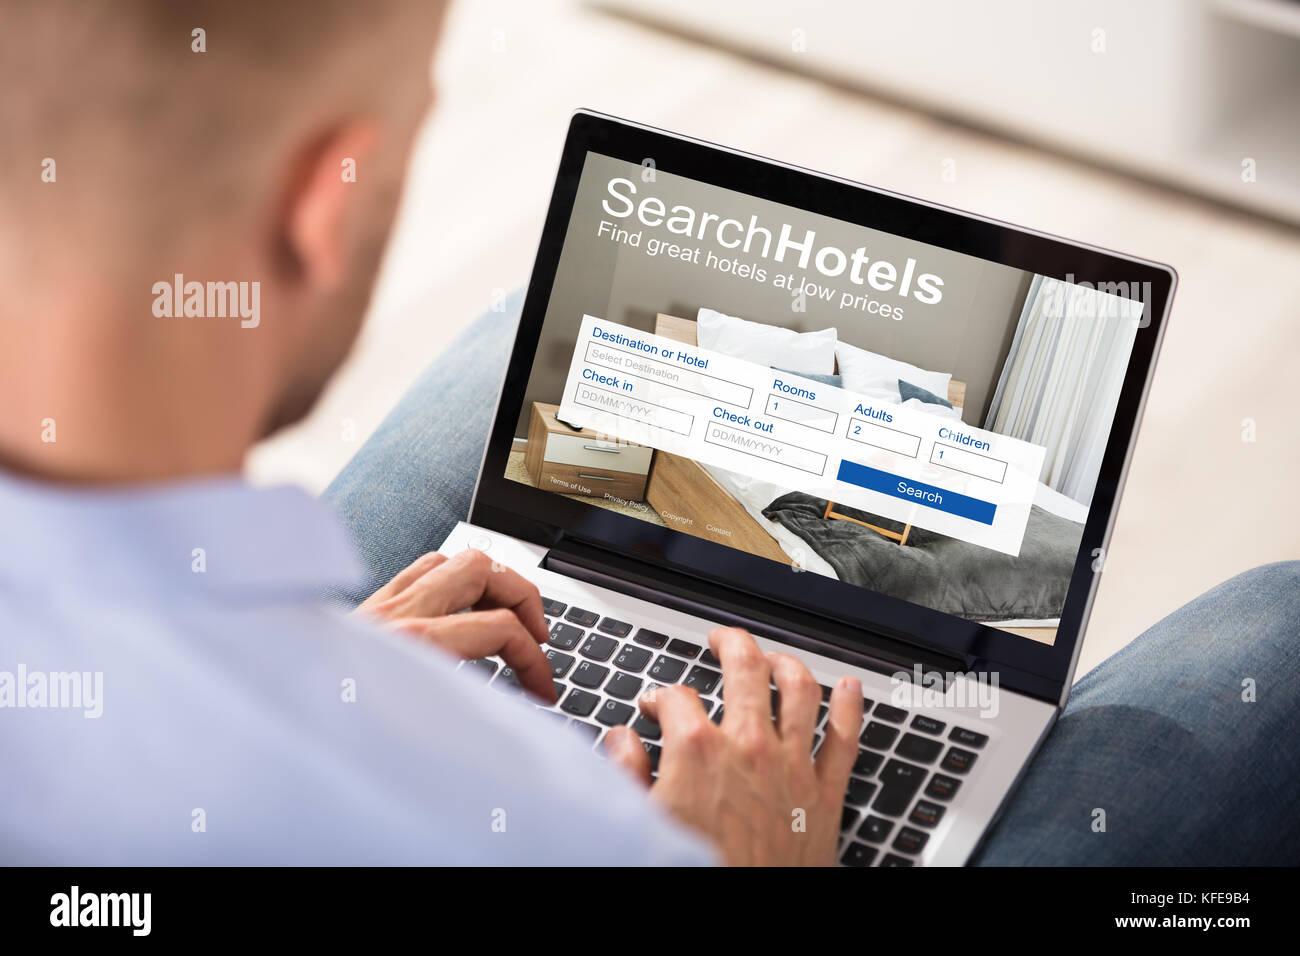 Close-up de una persona buscando hoteles con precios bajos en portátil Imagen De Stock